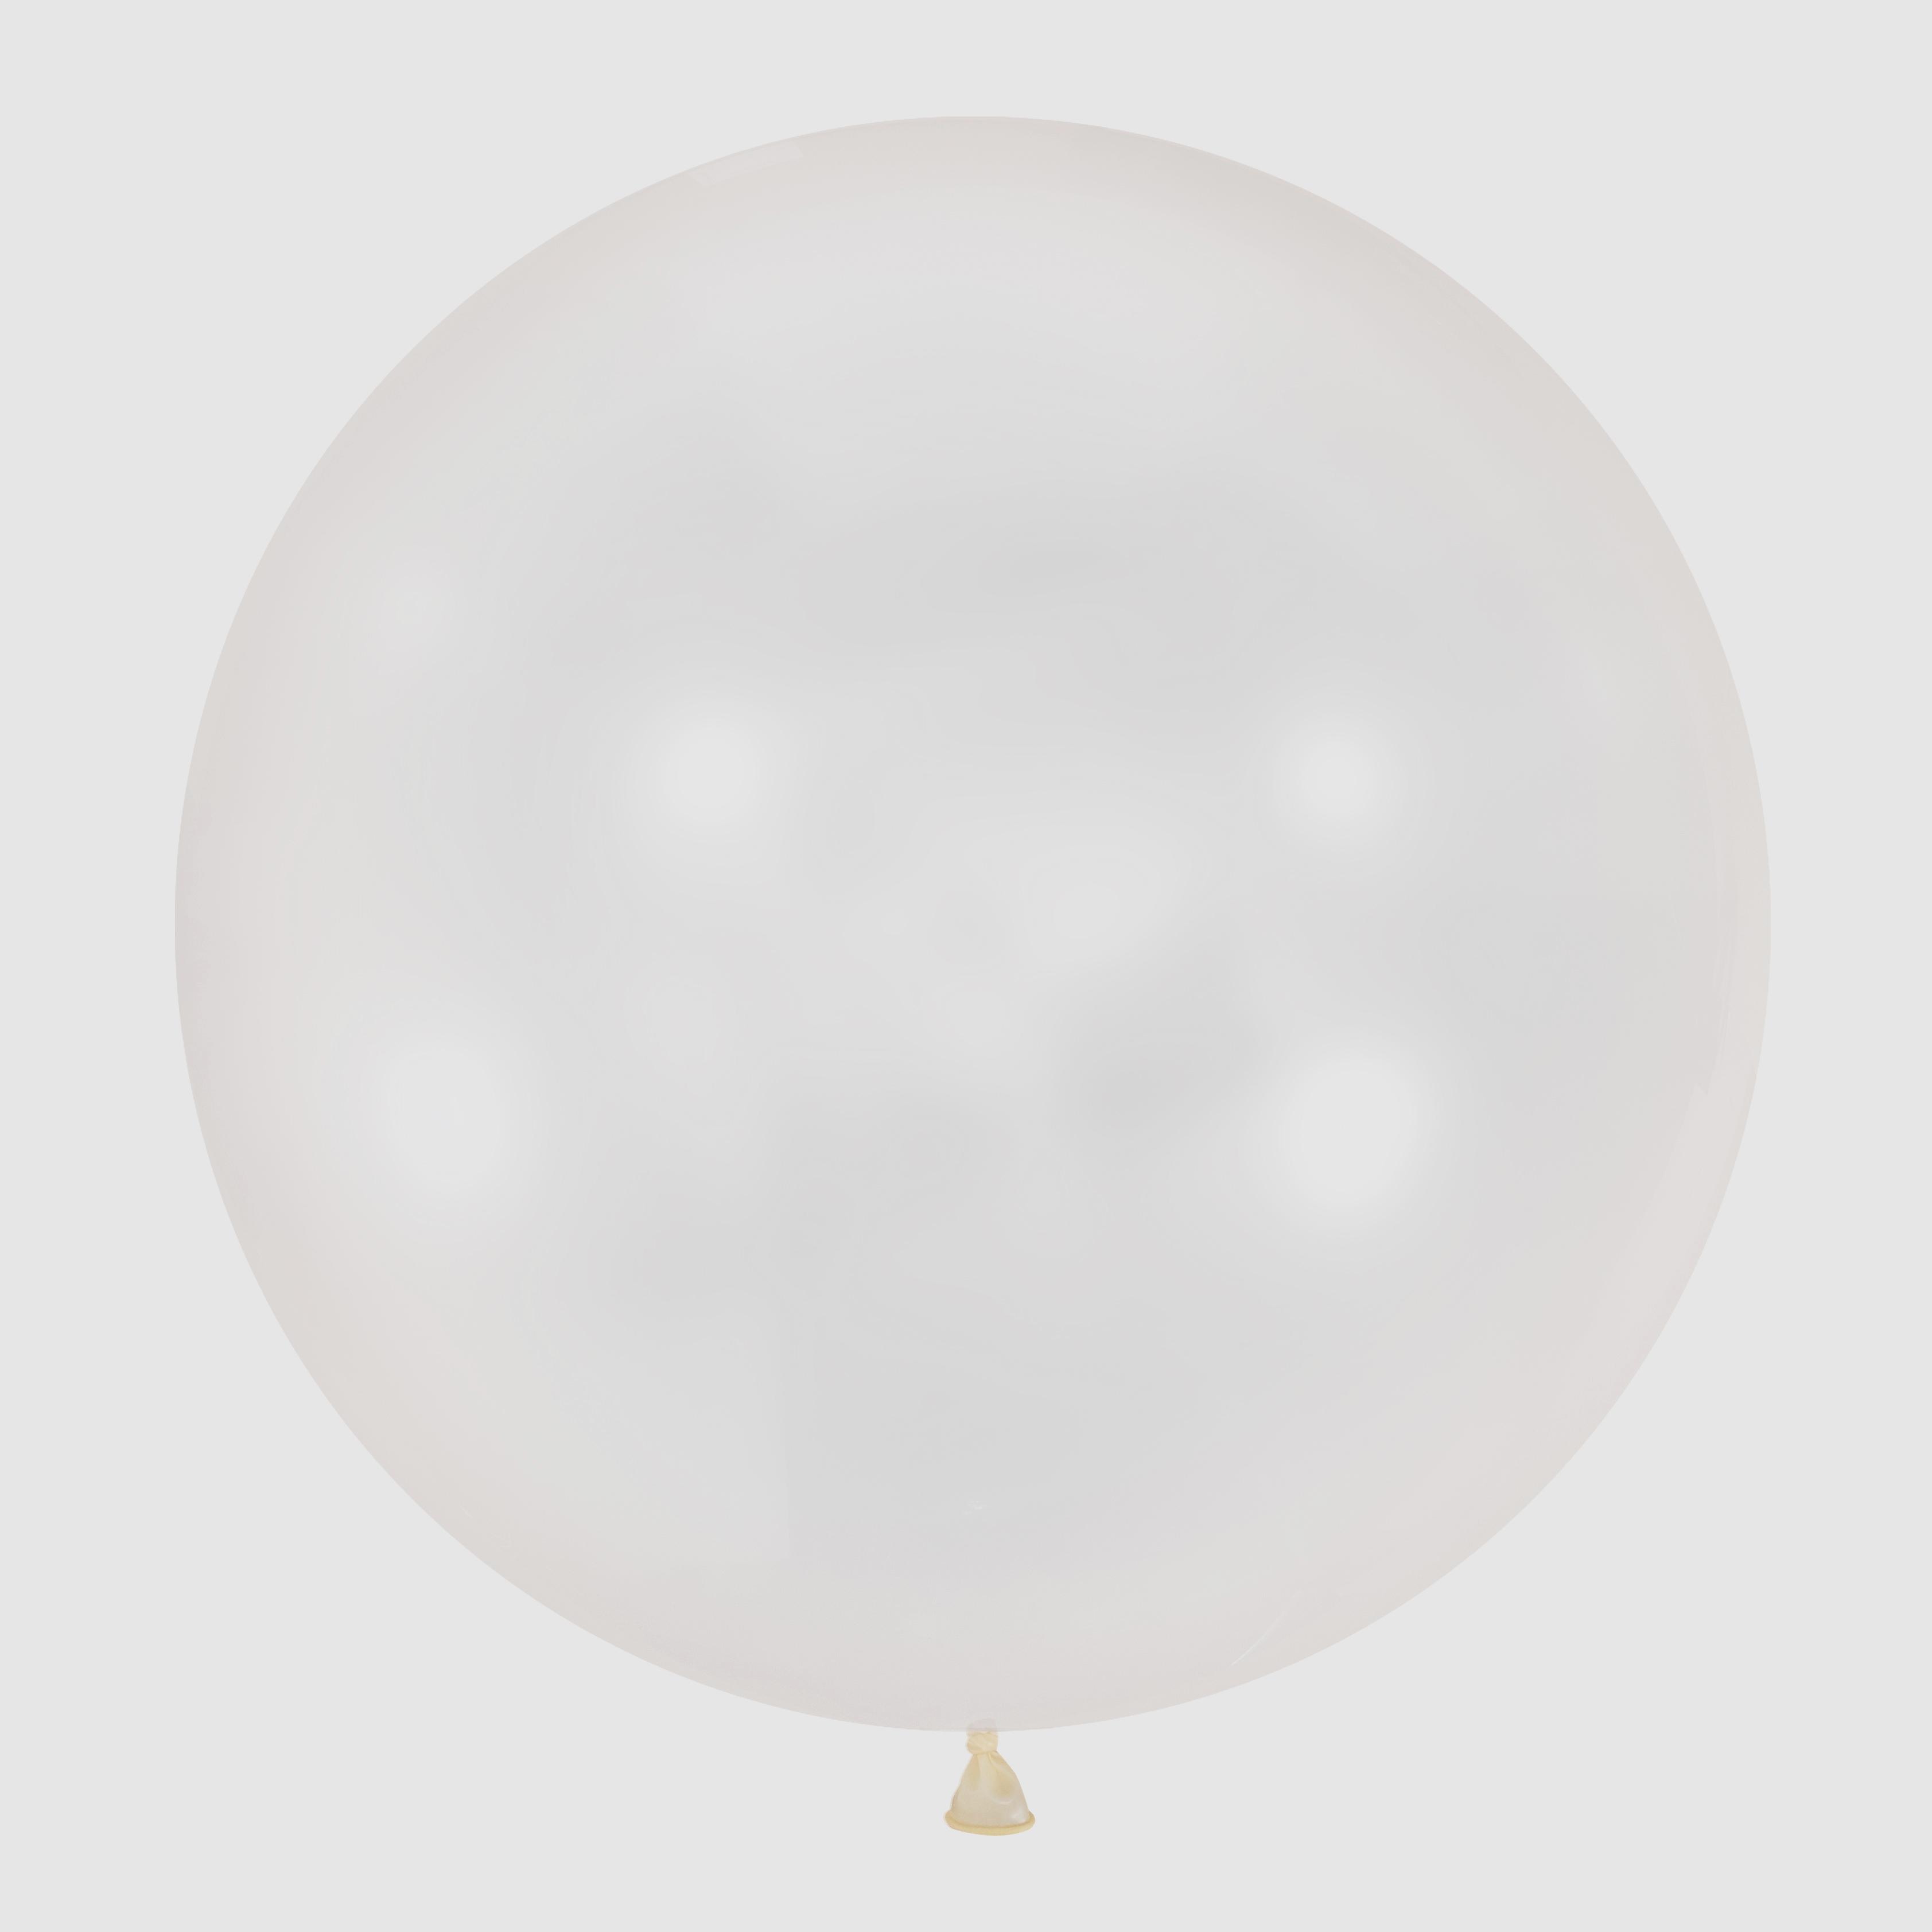 Большой олимпийский прозрачный шарик 90 см.